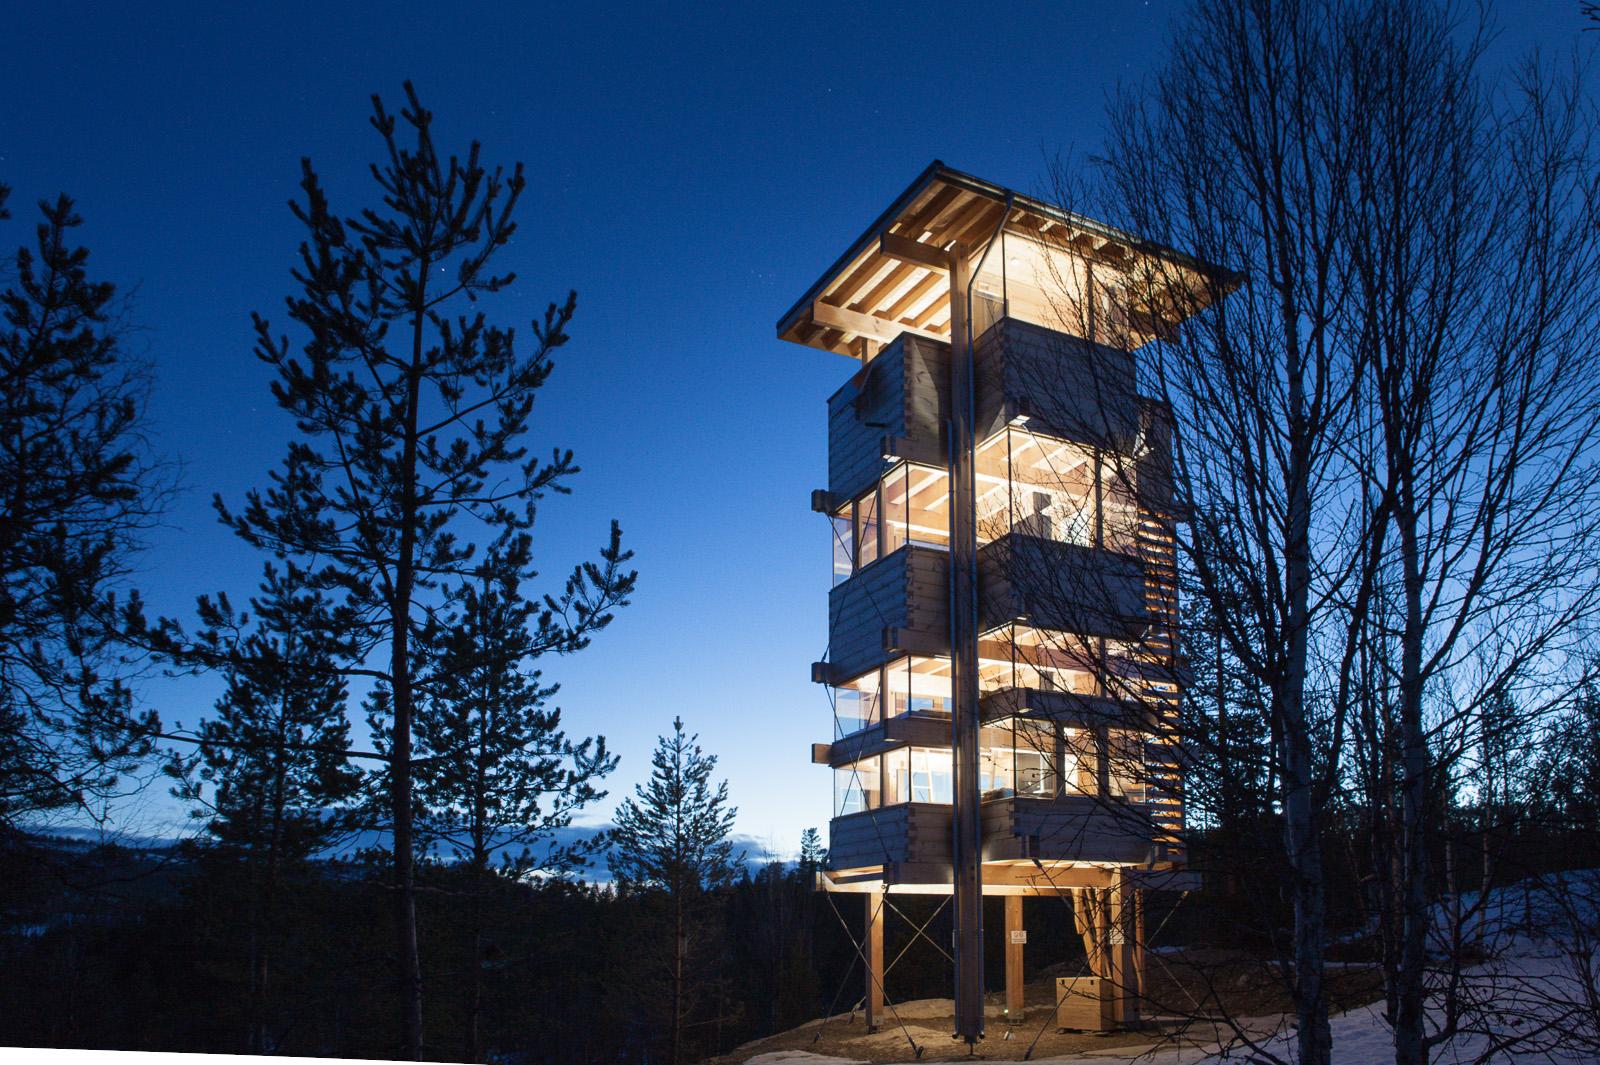 Foto: Sam Hughes- som er arkitekten bak Elgtårnet i Espedalen